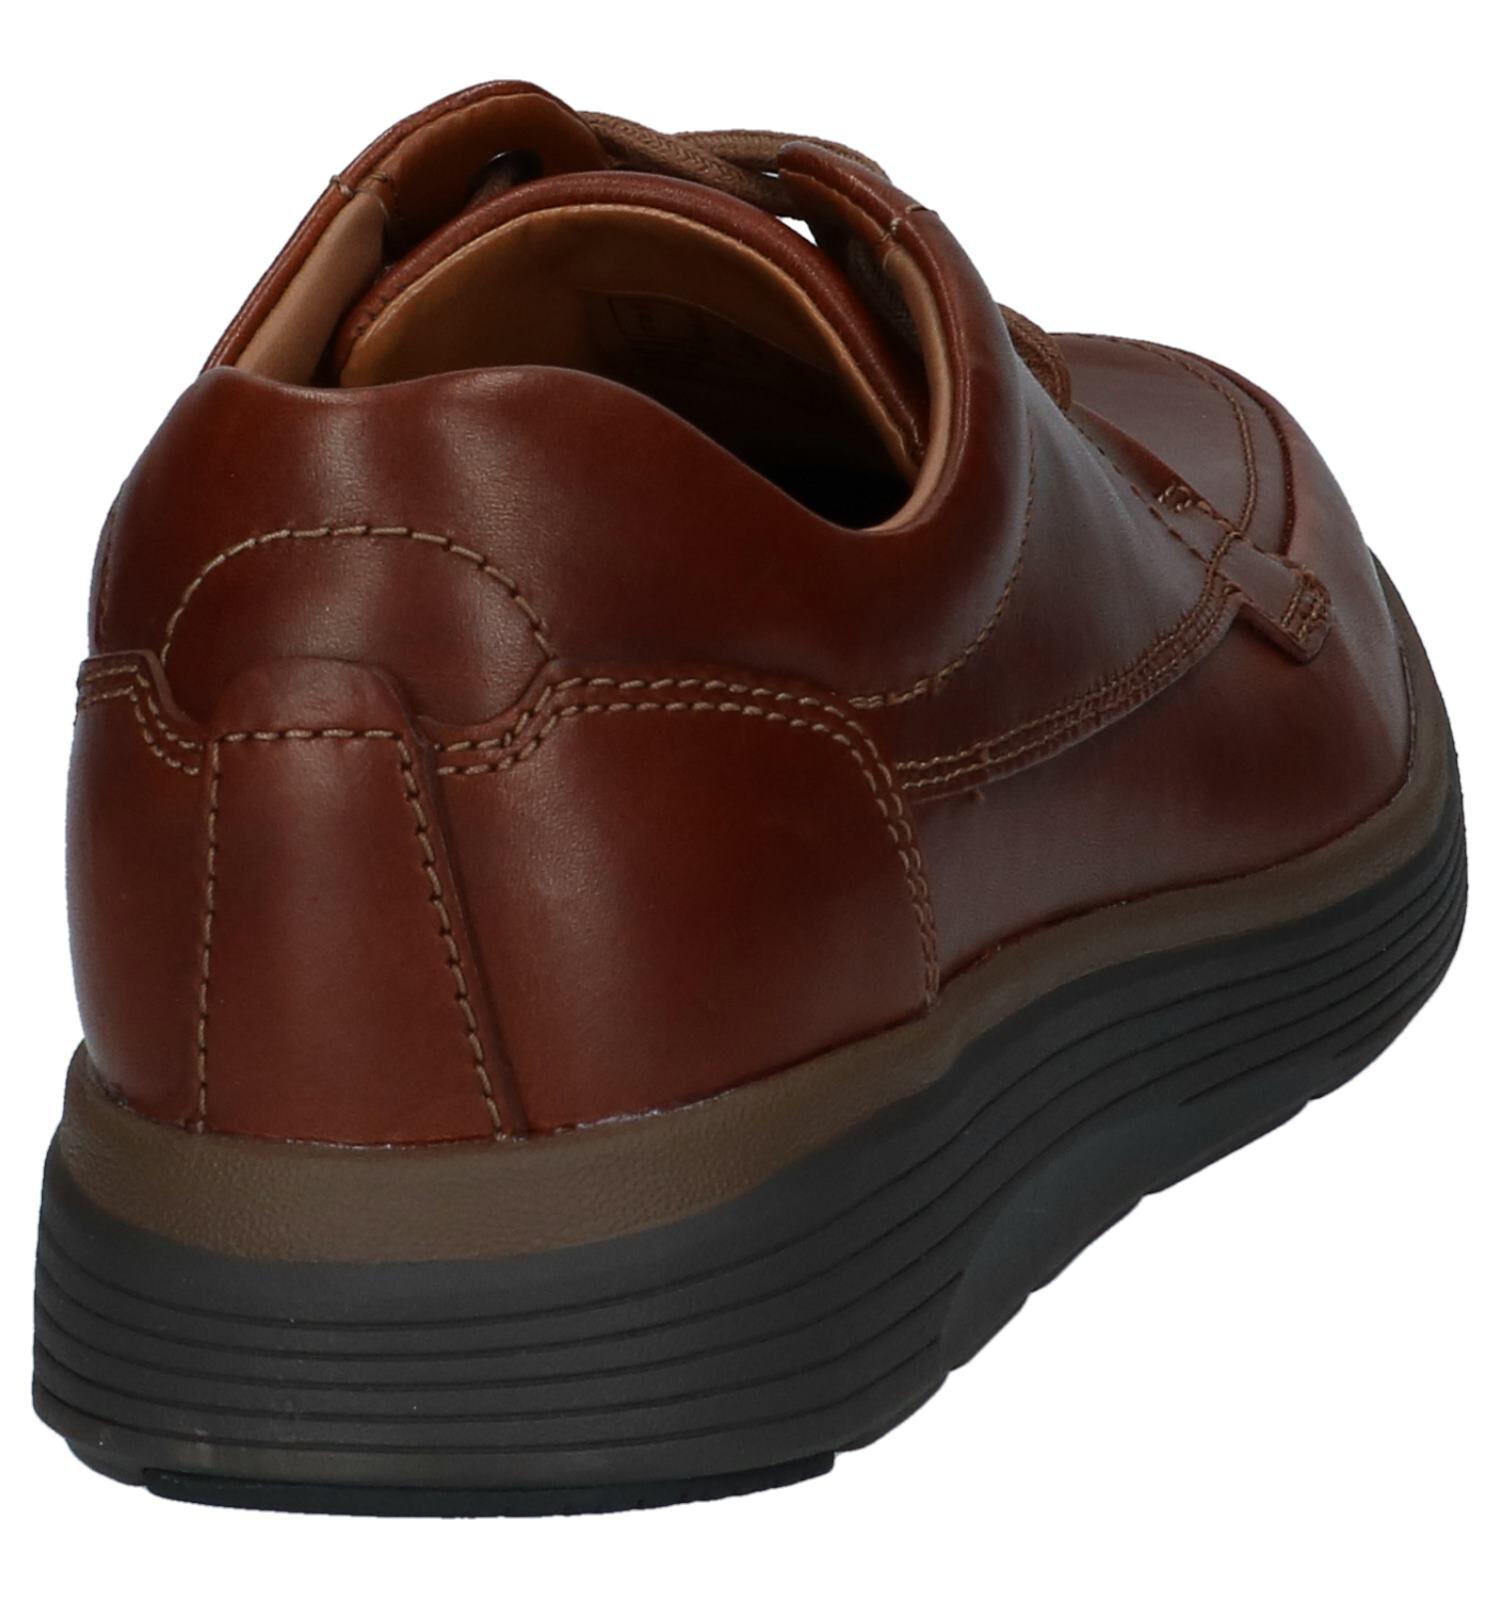 Livraison Basses be Chaussures Torfs Clarks Et Retour cognac OXaHwqv